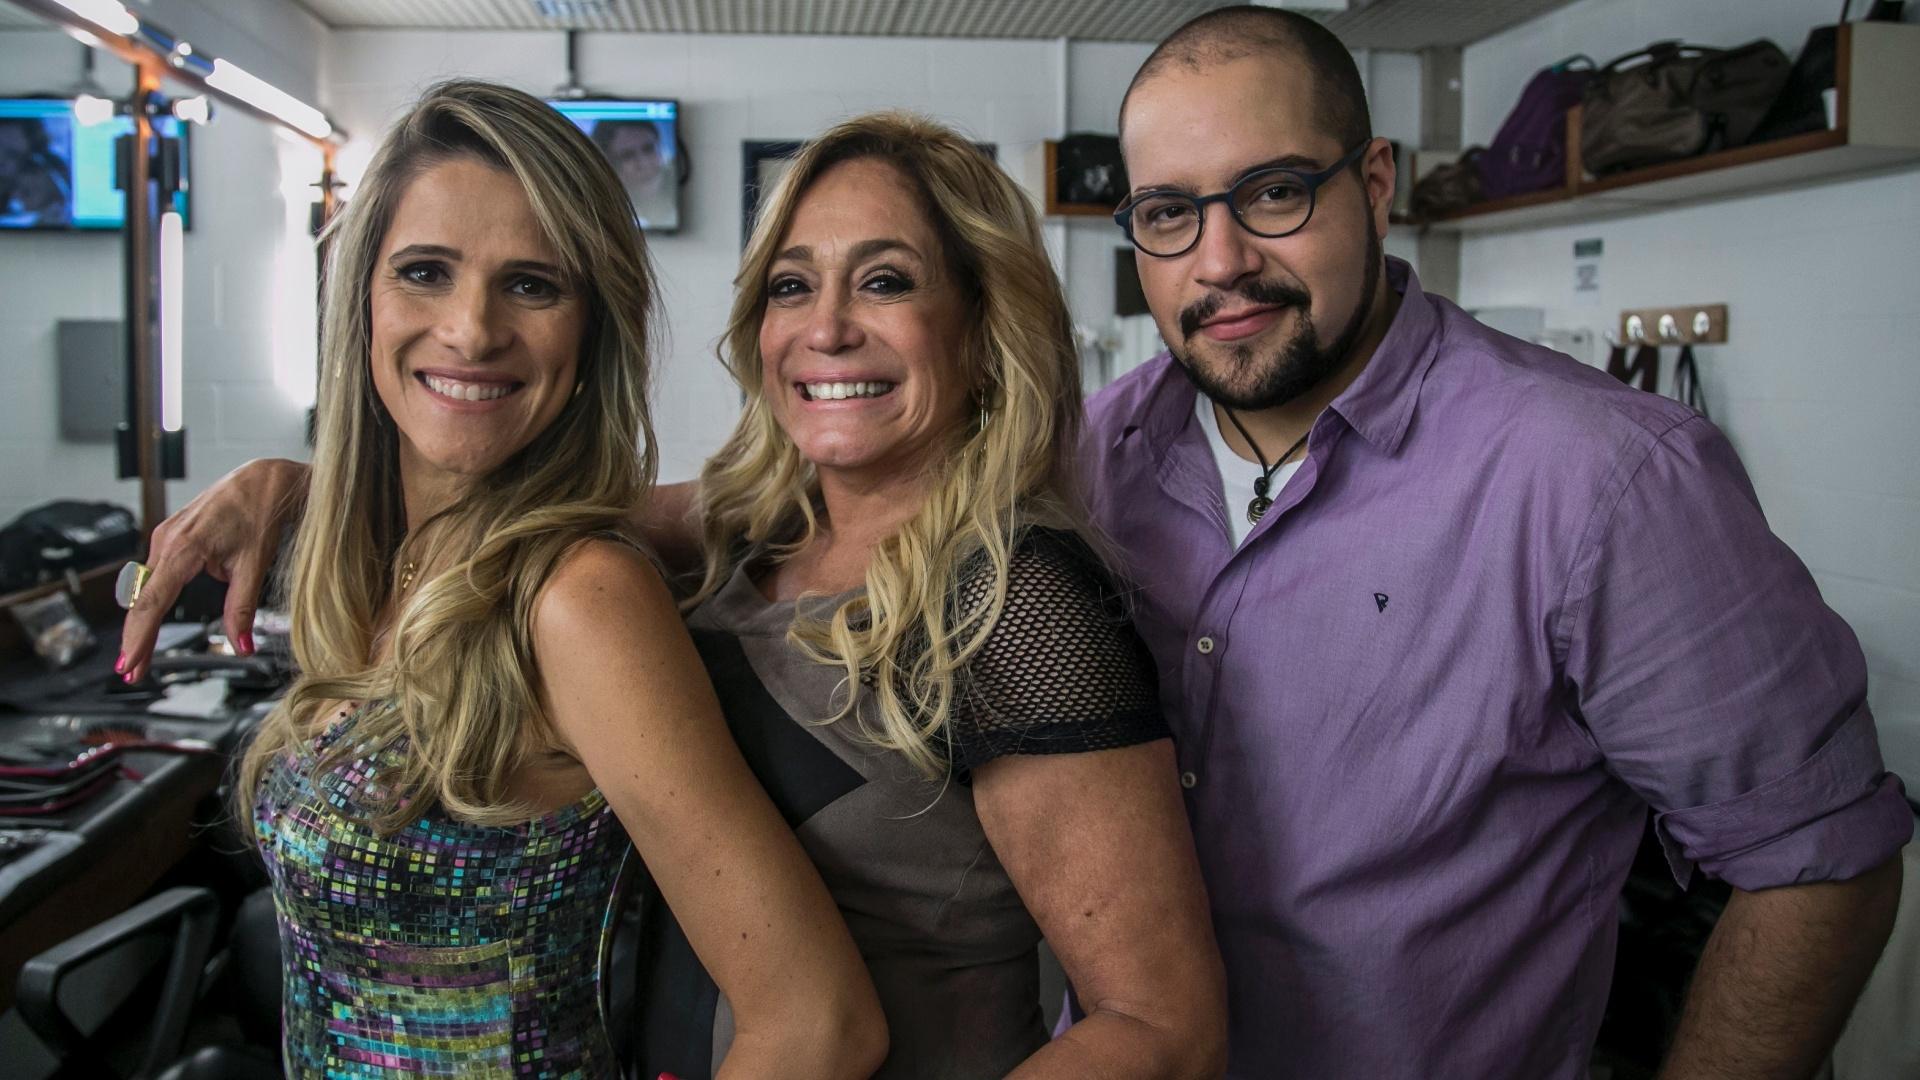 Marlene ( Ingrid Guimarães ), Susana Vieira e Fran (Tiago Abravanel) em